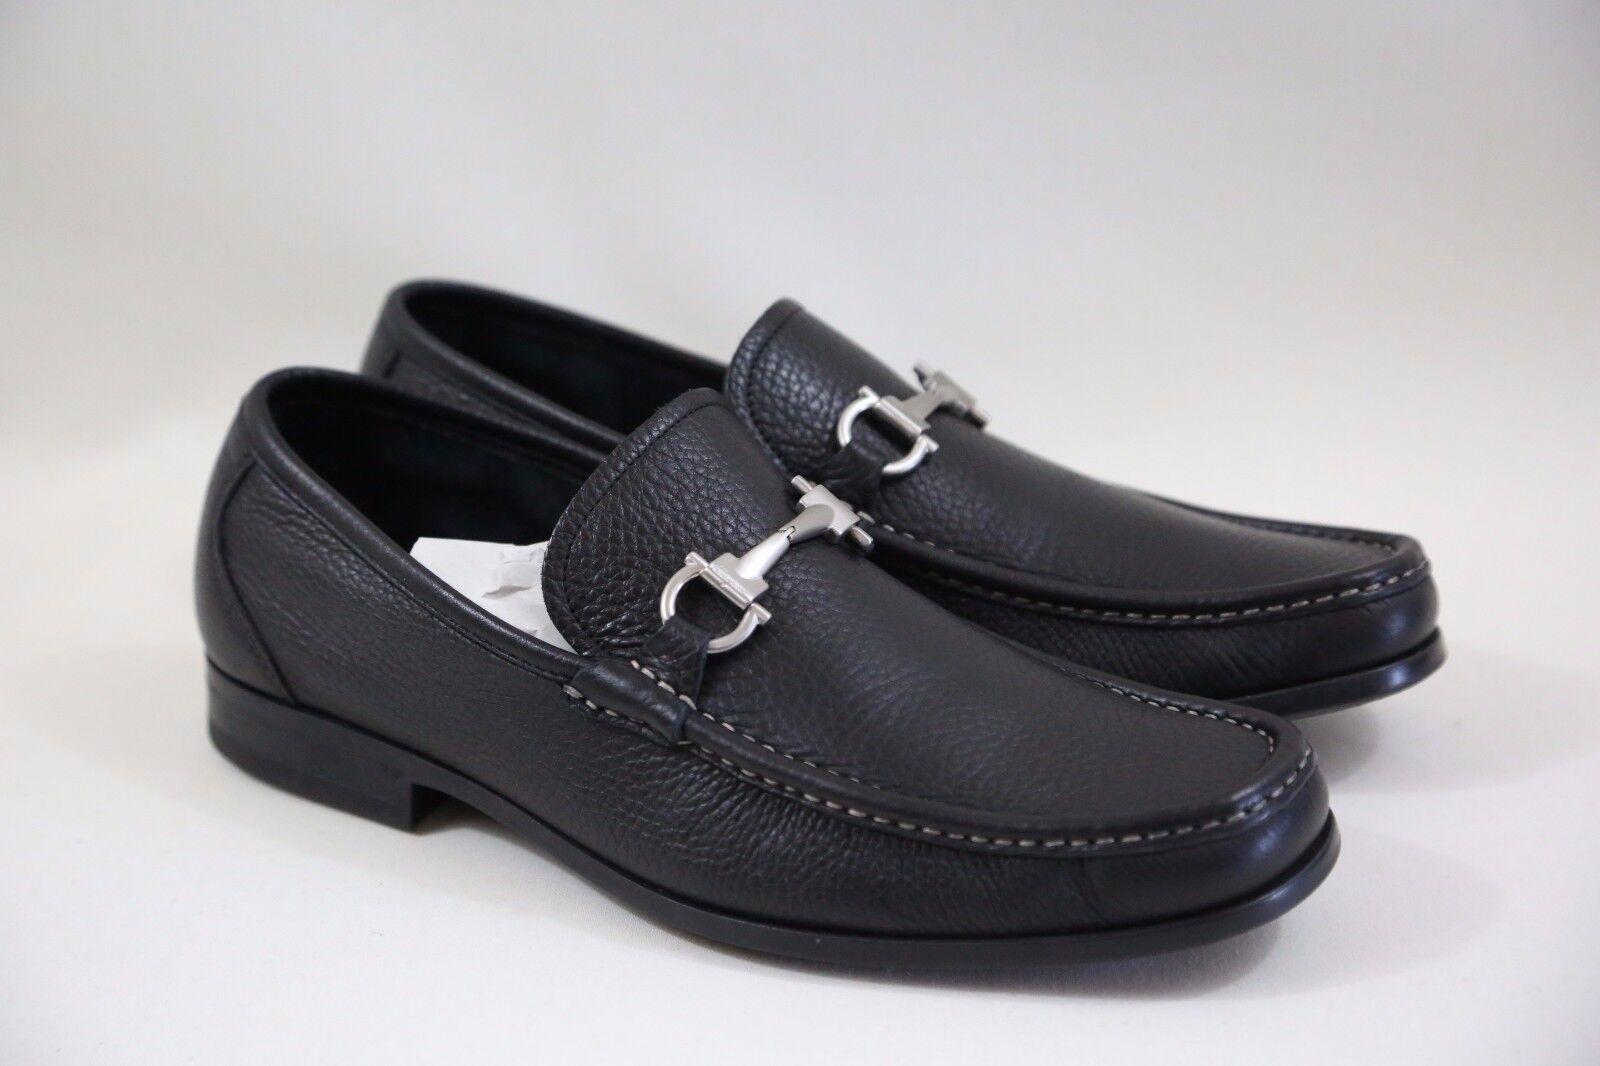 +SALVATORE FERRAGAMO 'Magnifico' Black Loafers Size 8.5 EE